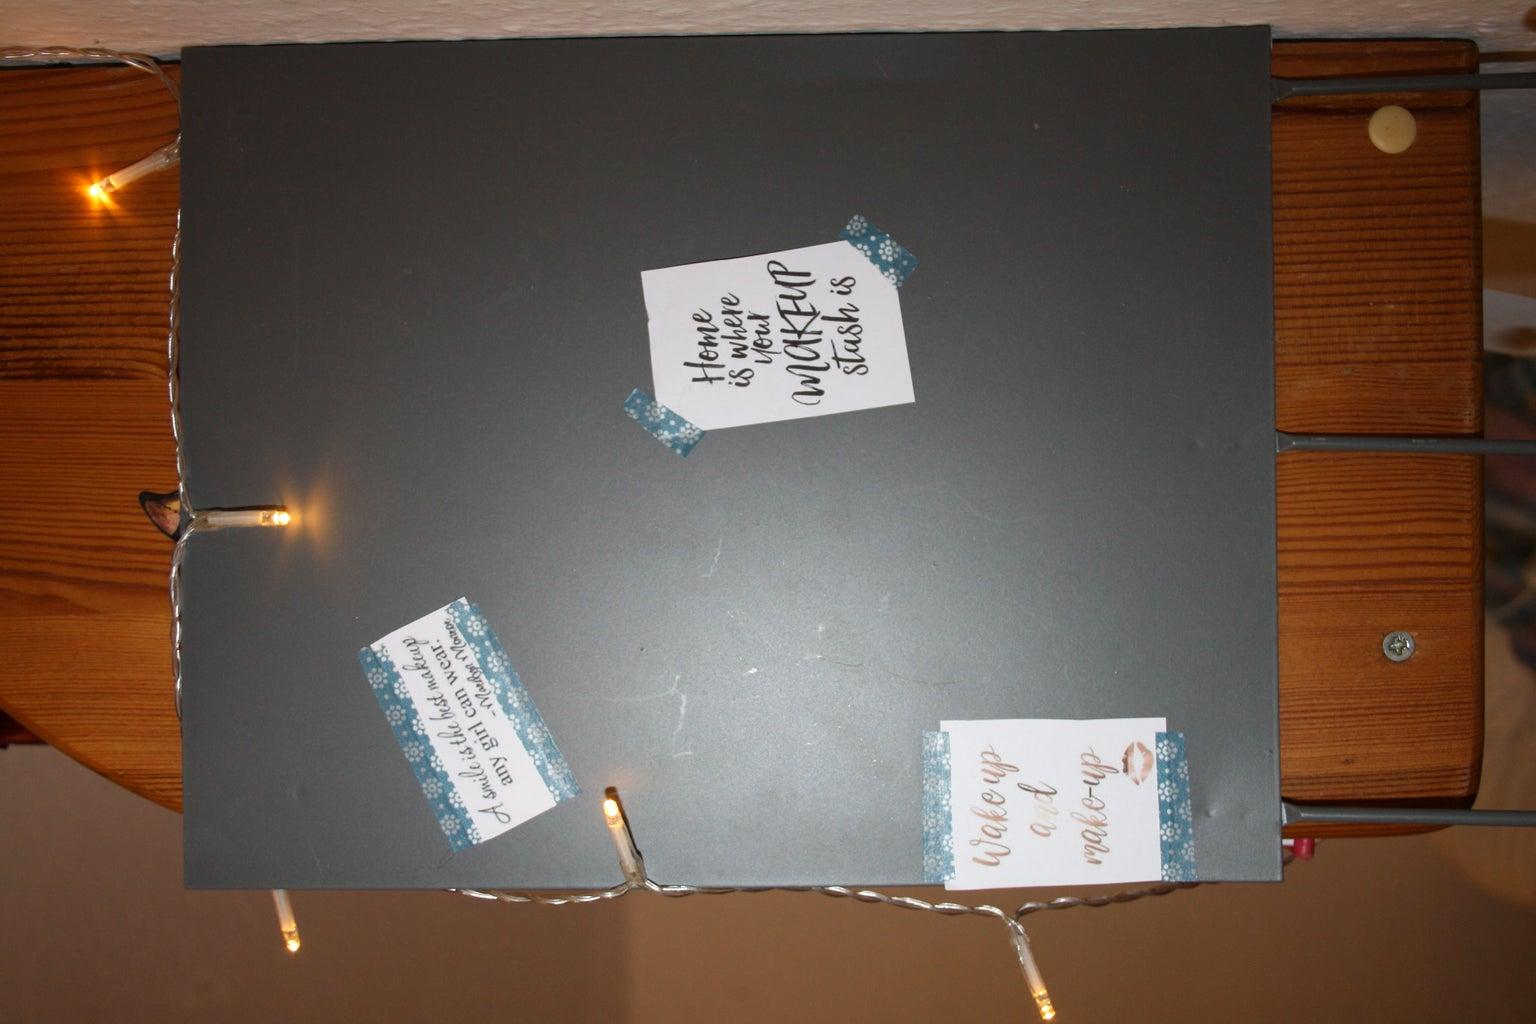 Decorate the Board